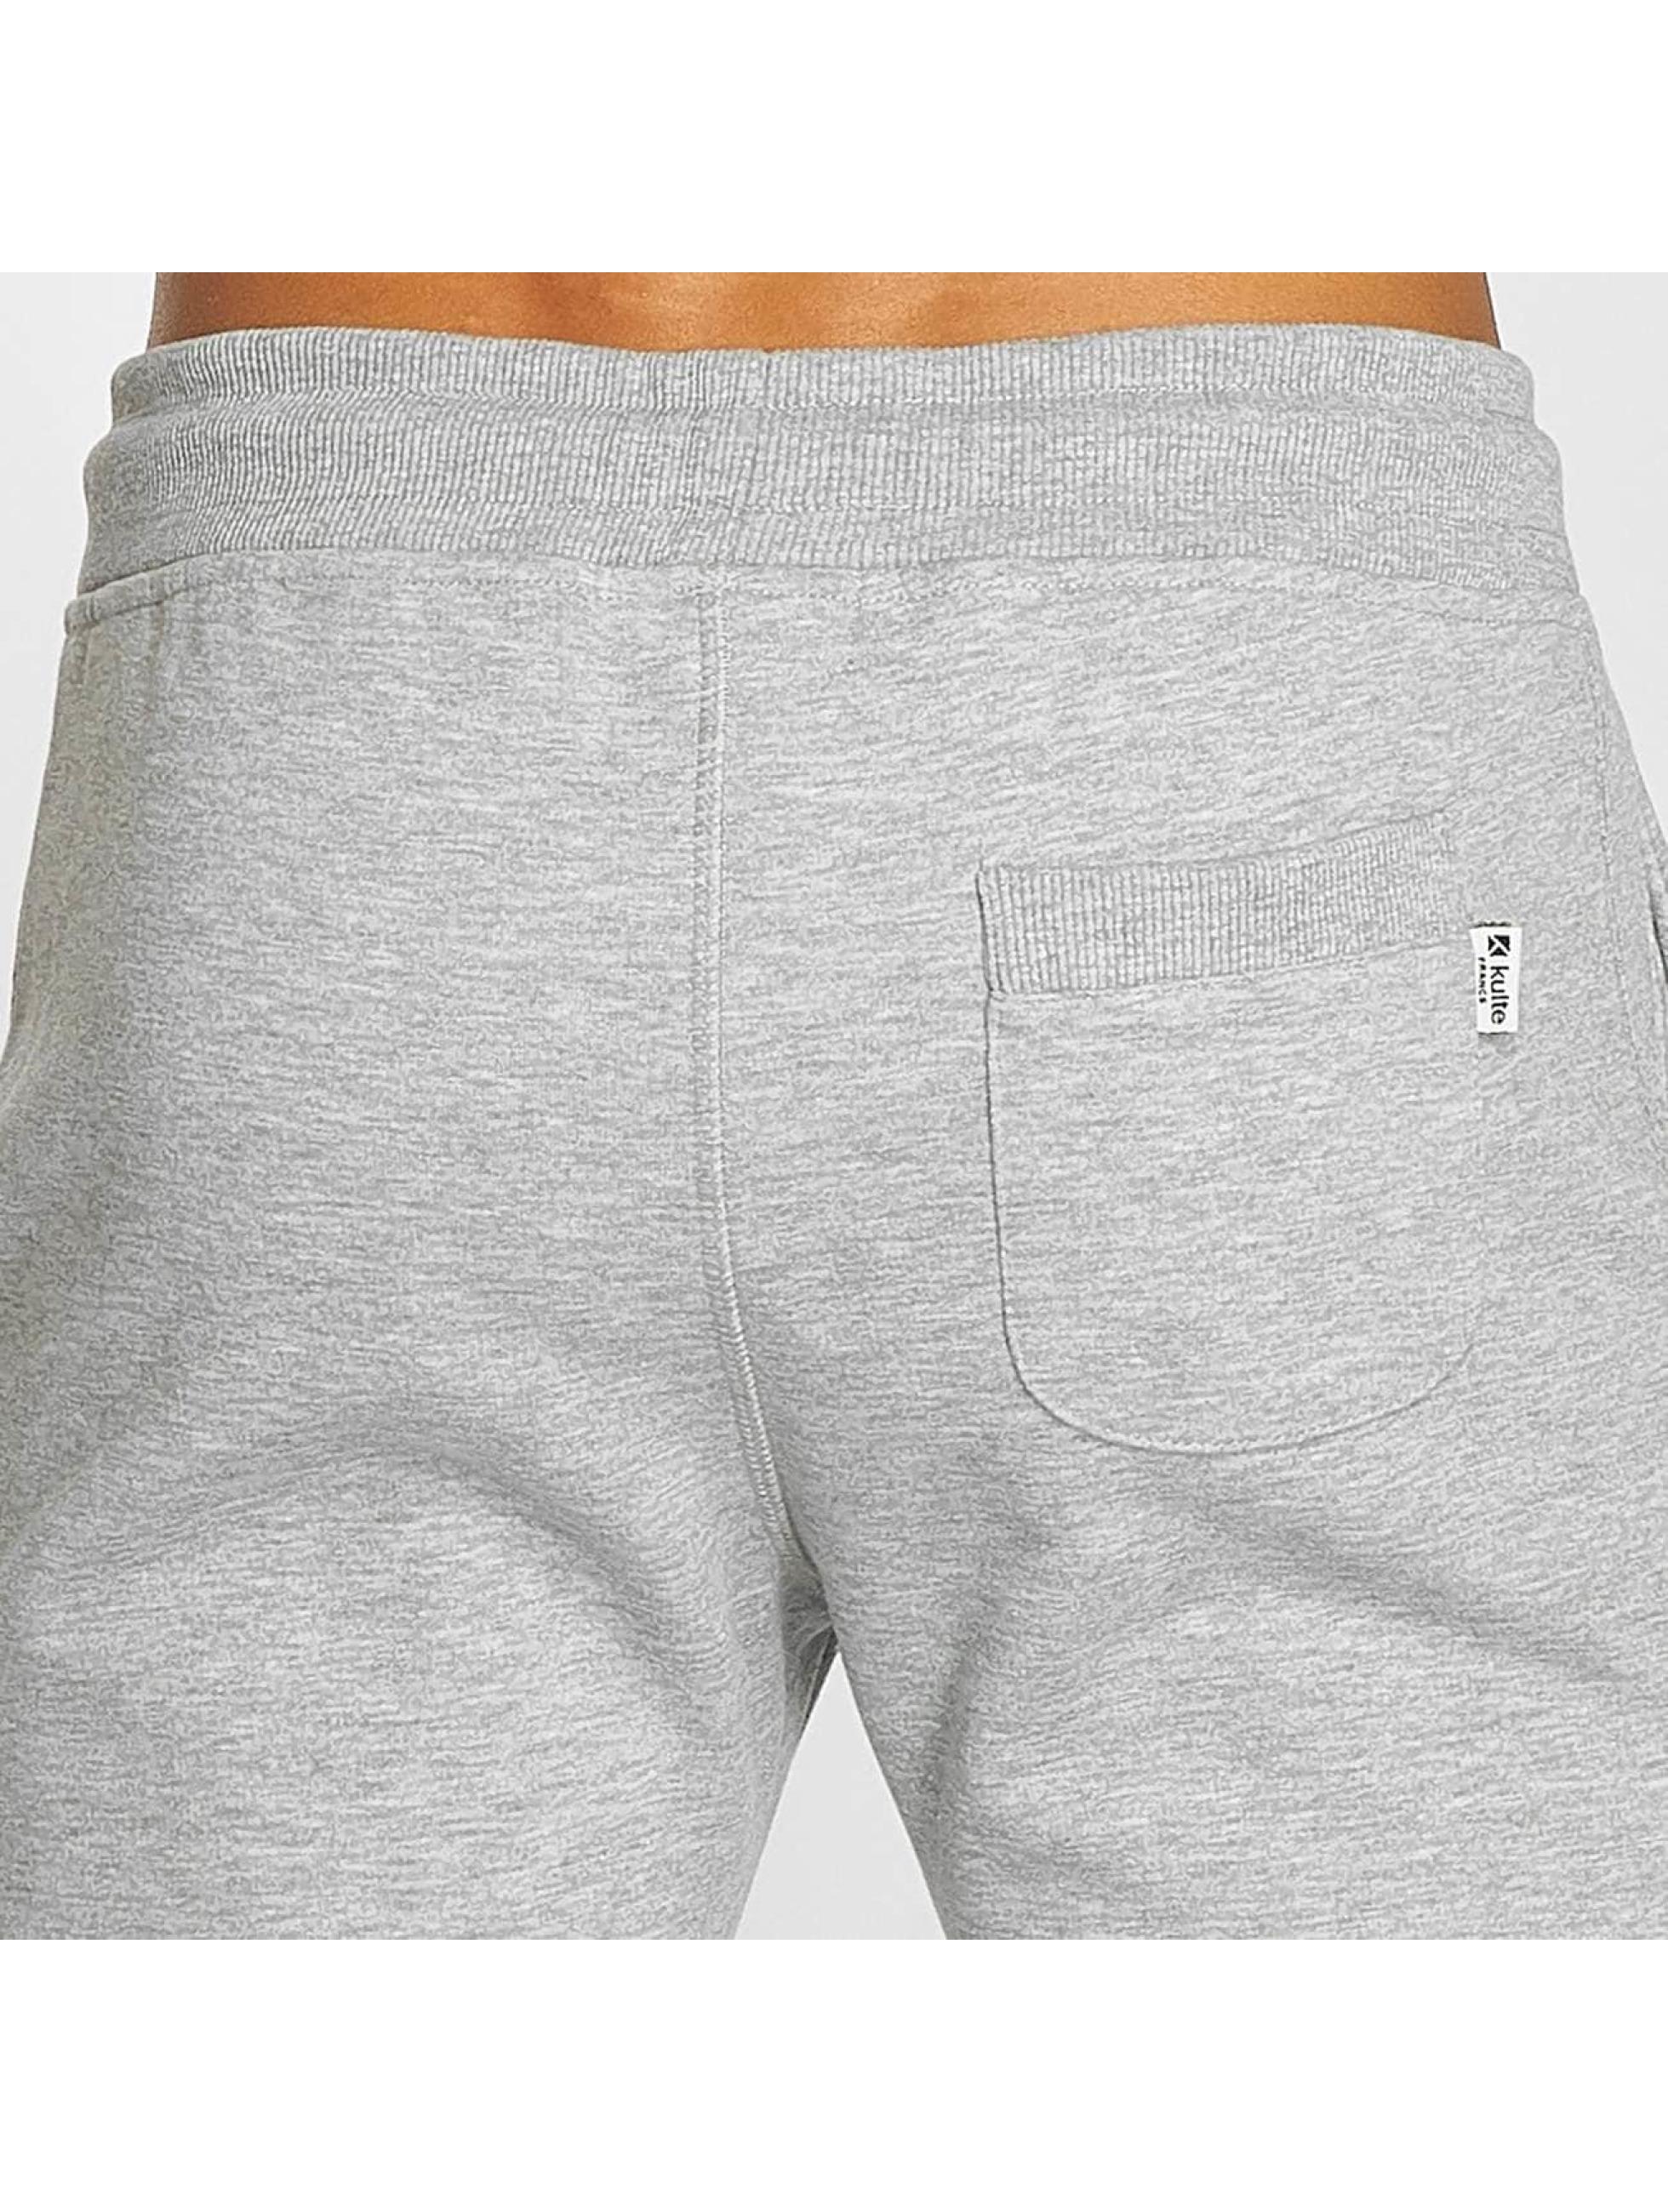 Kulte Pantalón deportivo Jog Sweat gris